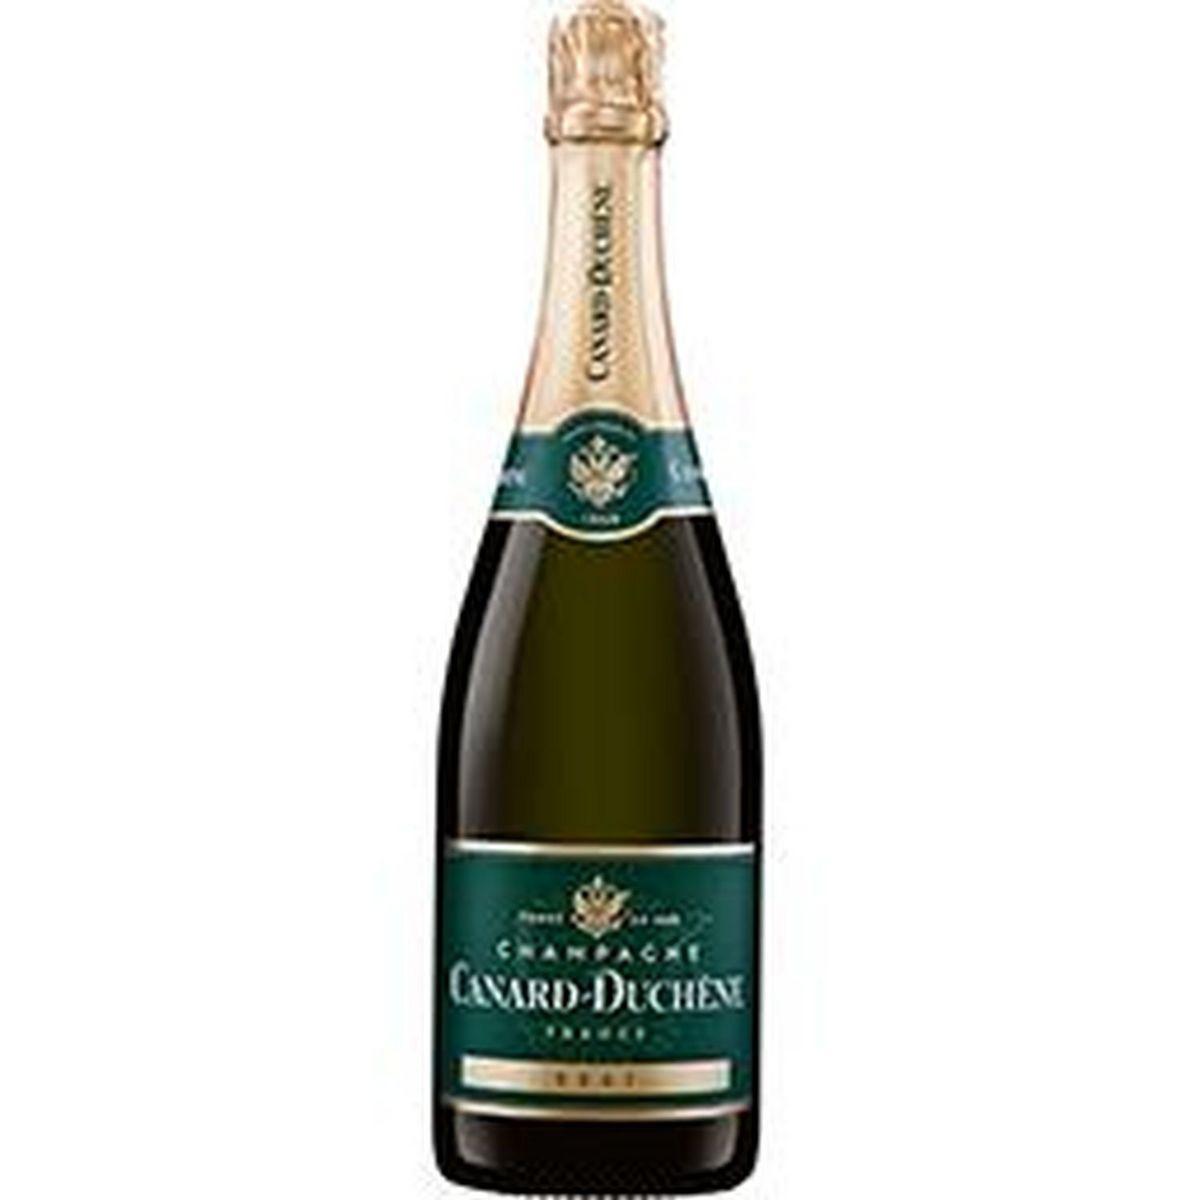 AOP Champagne Brut Canard Duchêne